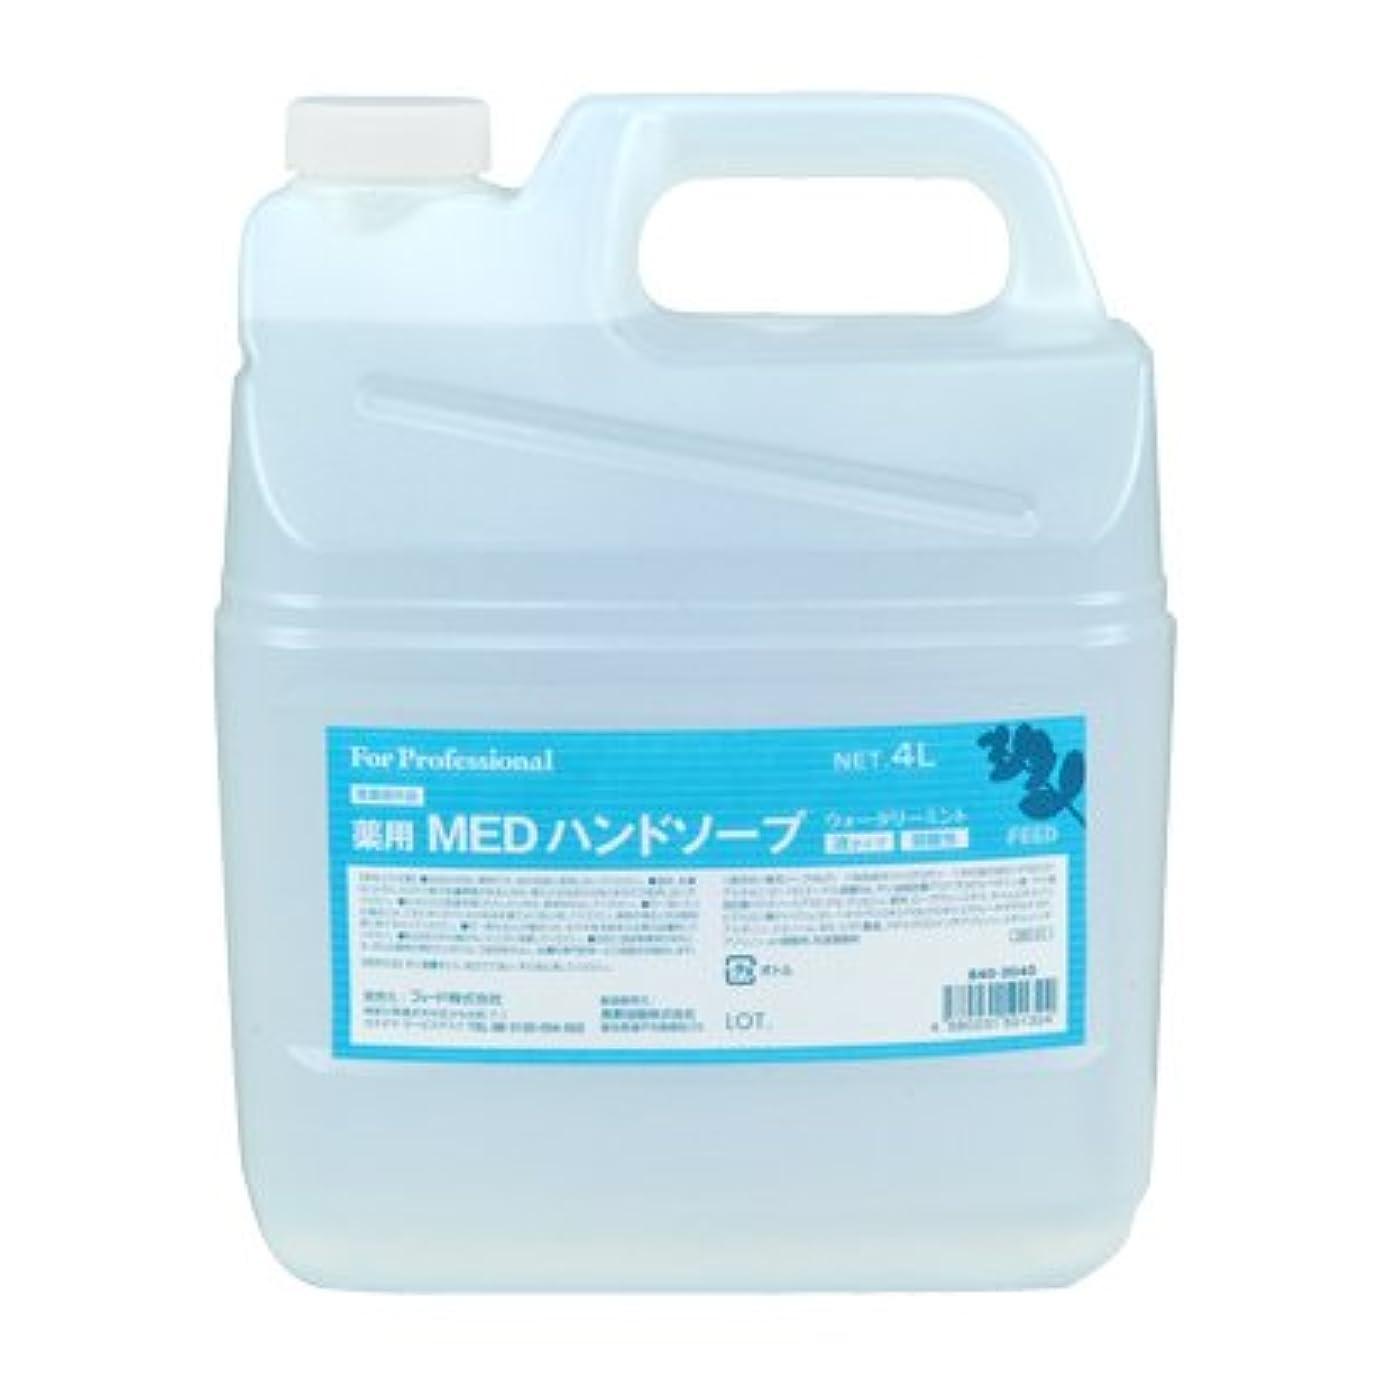 巻き取りびっくり好き【業務用】 FEED(フィード) 薬用 MEDハンドソープ 液タイプ/4L詰替用 ハンドソープ(液タイプ) 入数 1本